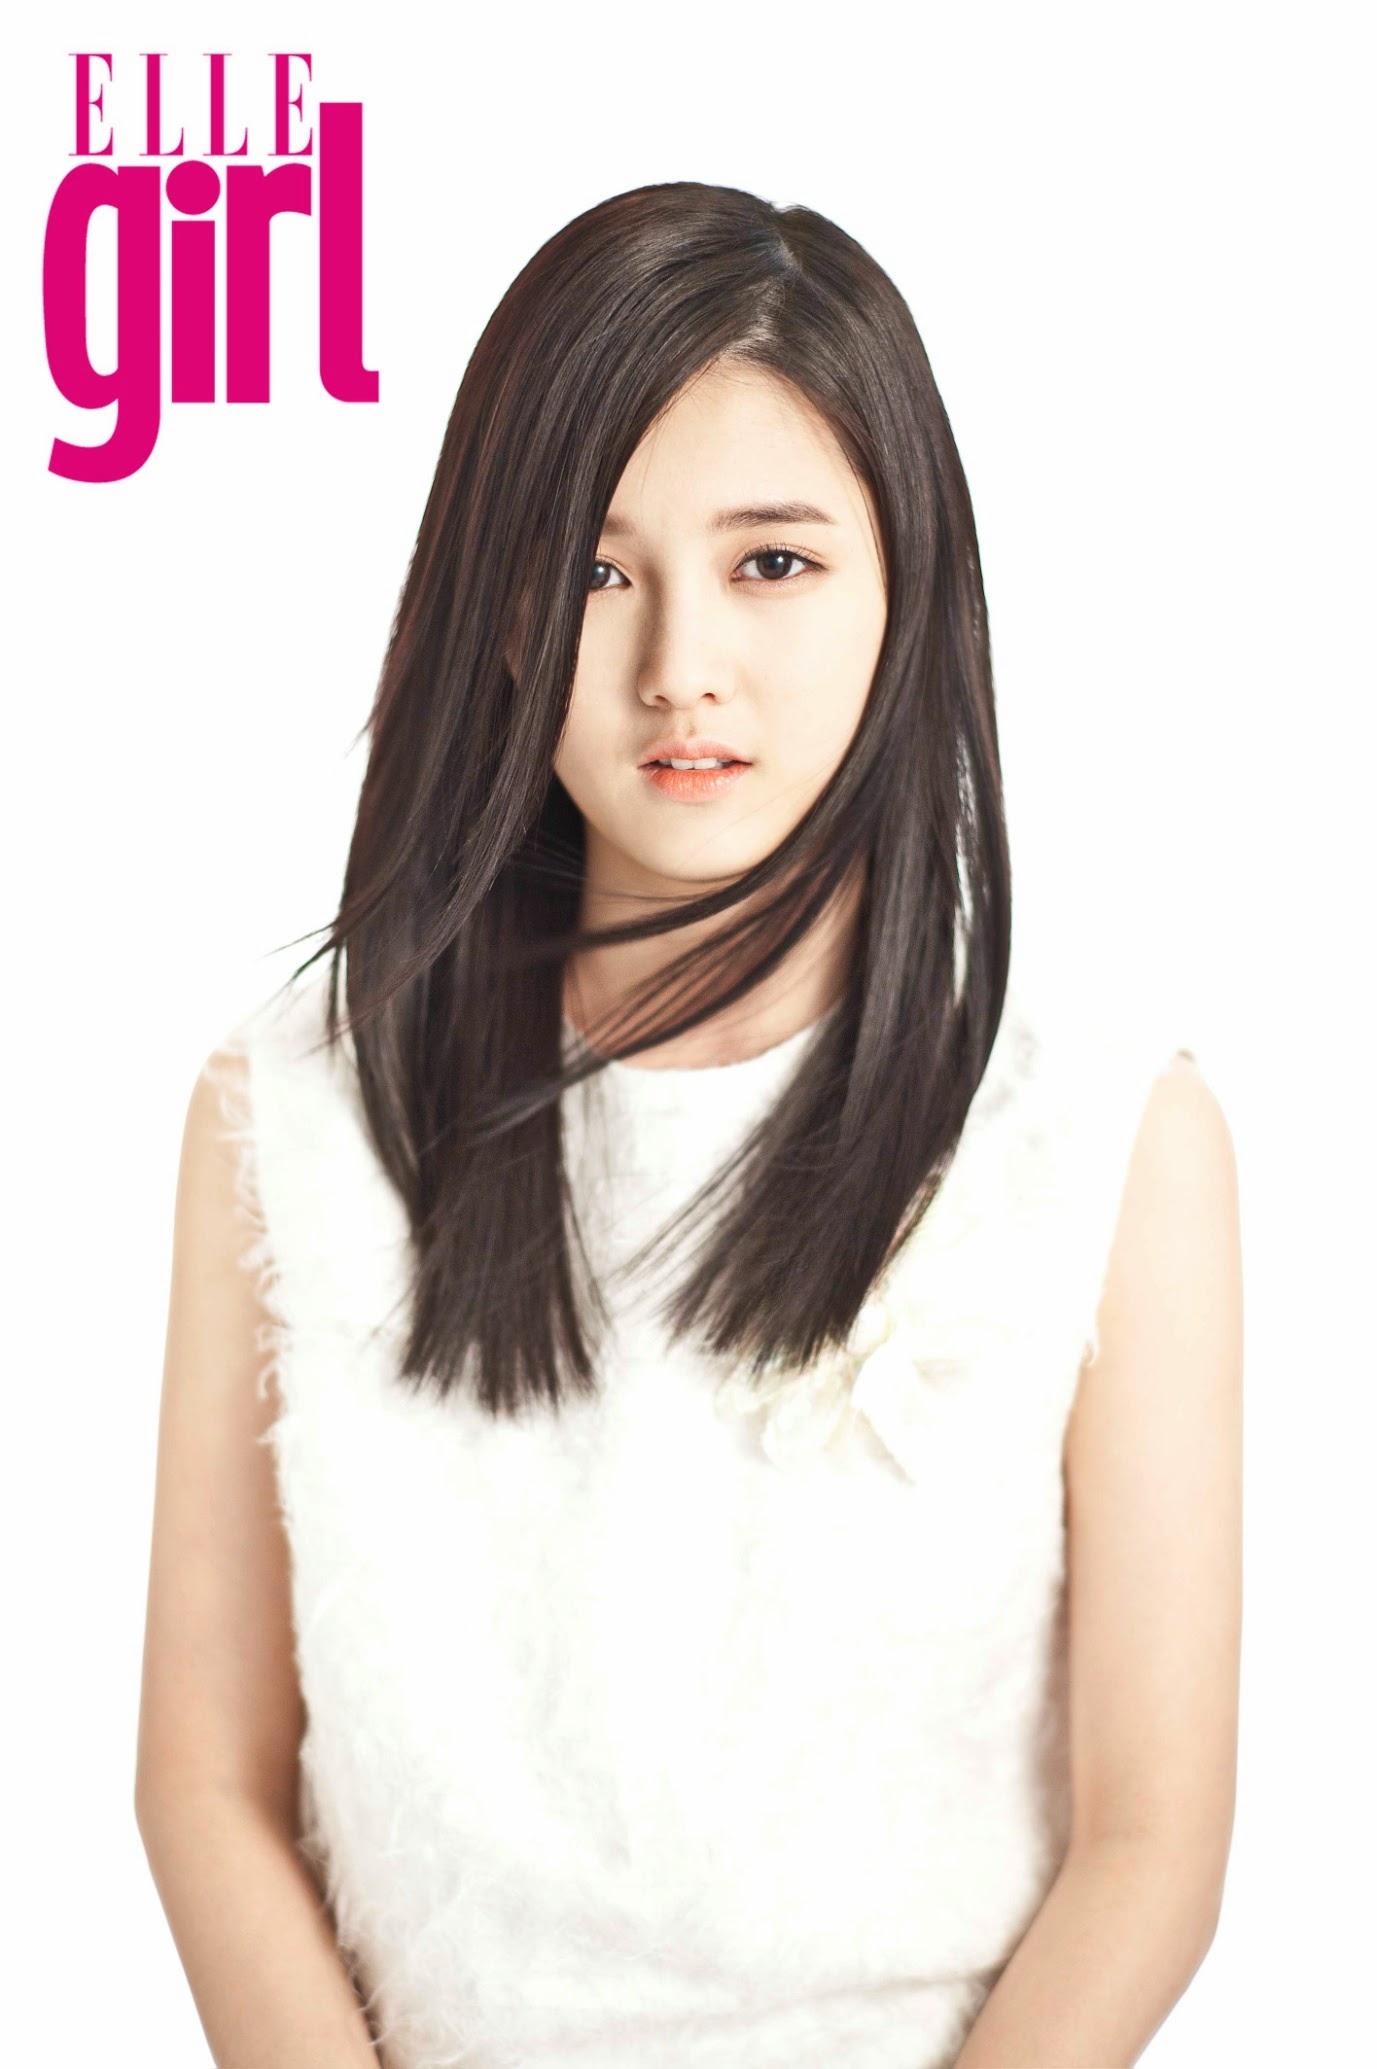 seo_20120320_010.jpg